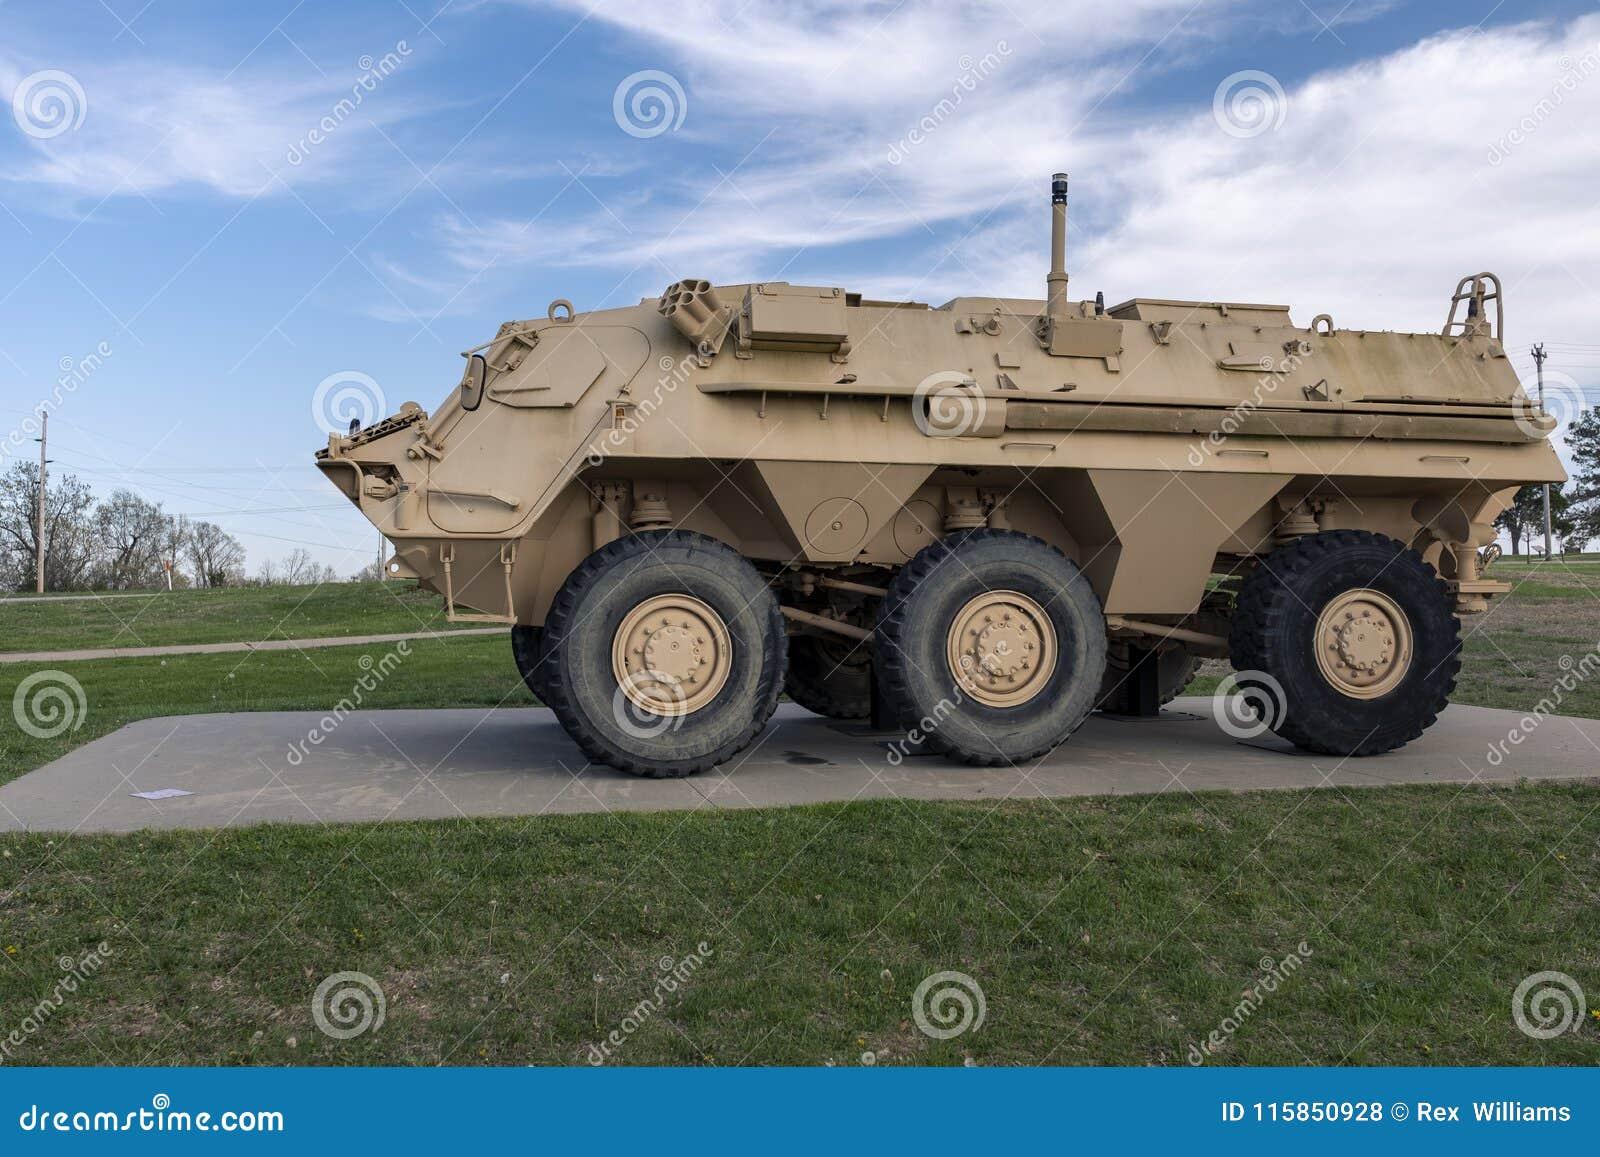 MADERA DE LEONARD DEL FUERTE, MES 29 DE ABRIL DE 2018: ZORRO NBCRS del vehículo militar M93A1